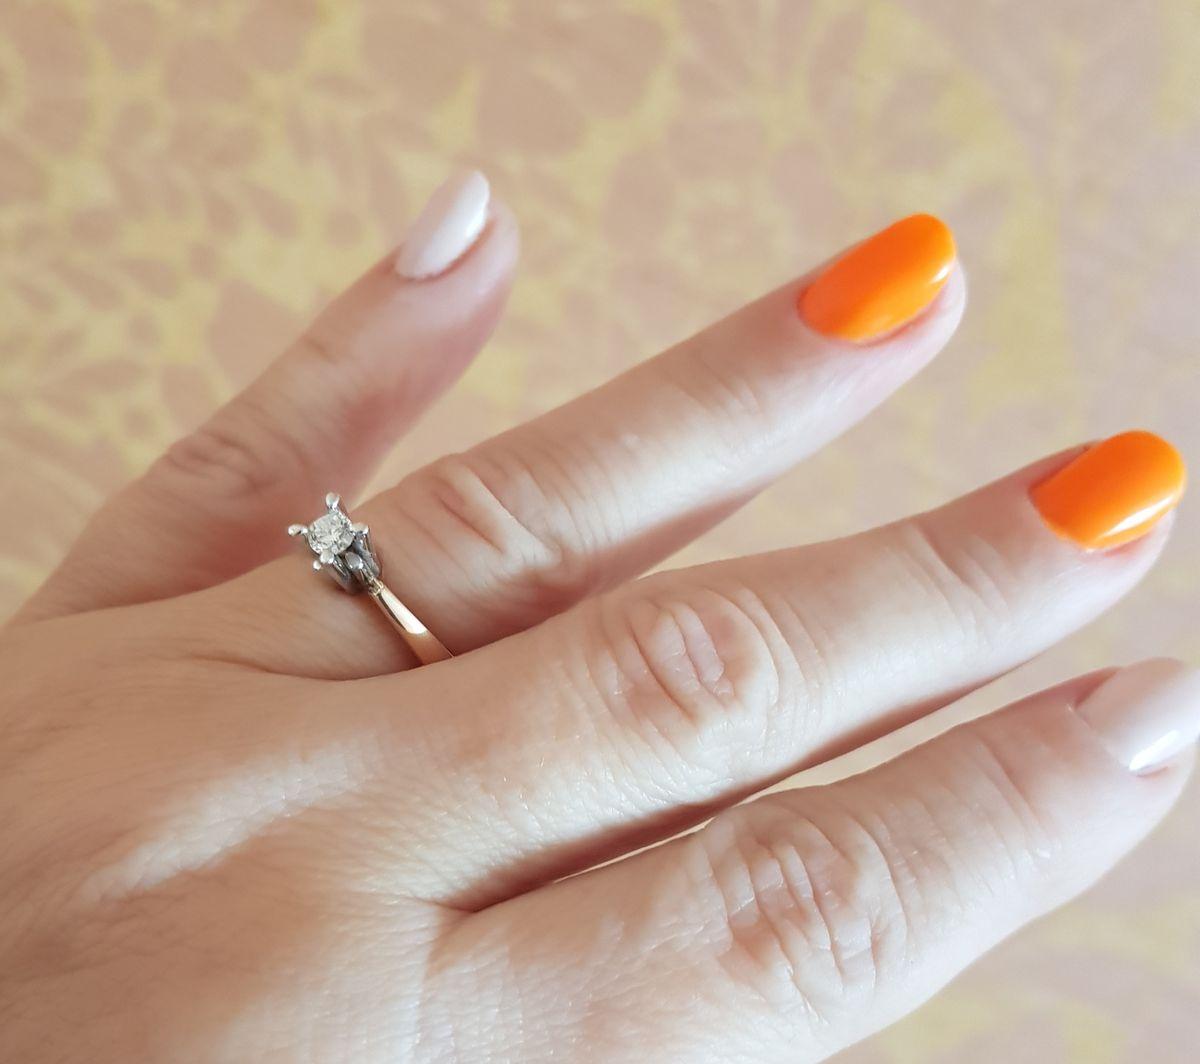 Бриллианты всегда прекрасны!